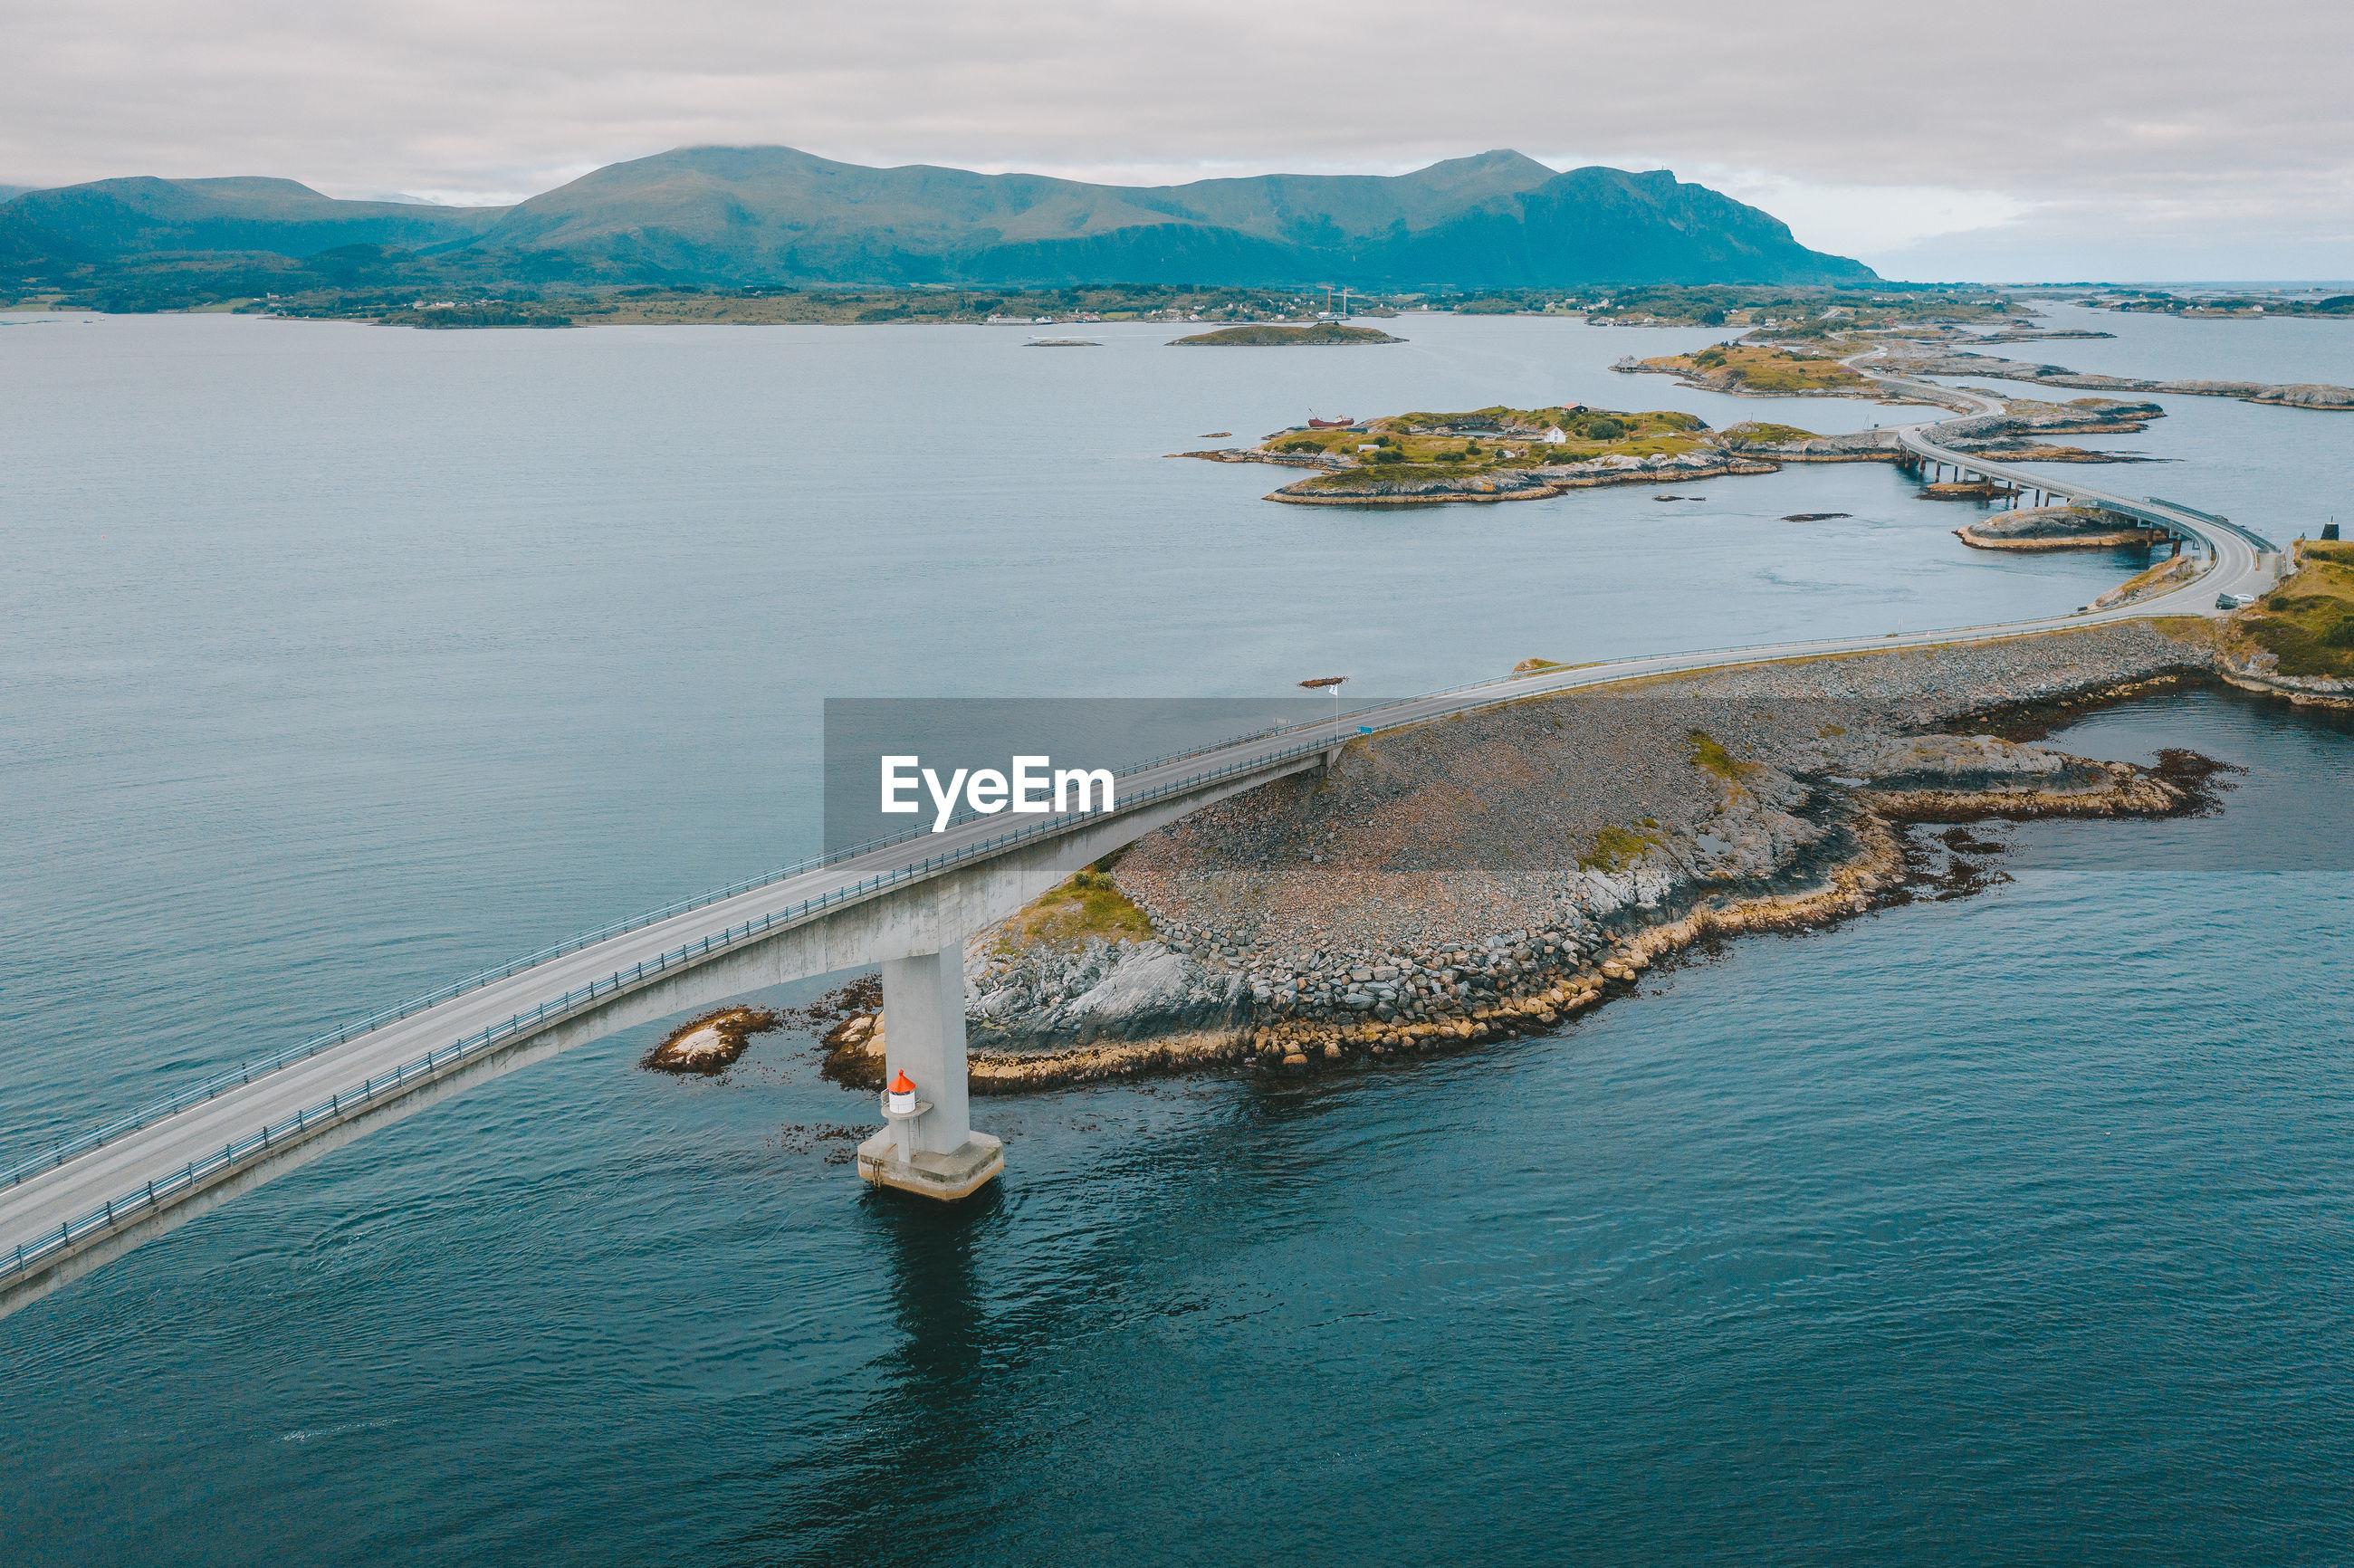 Aerial view of bridge by sea against sky